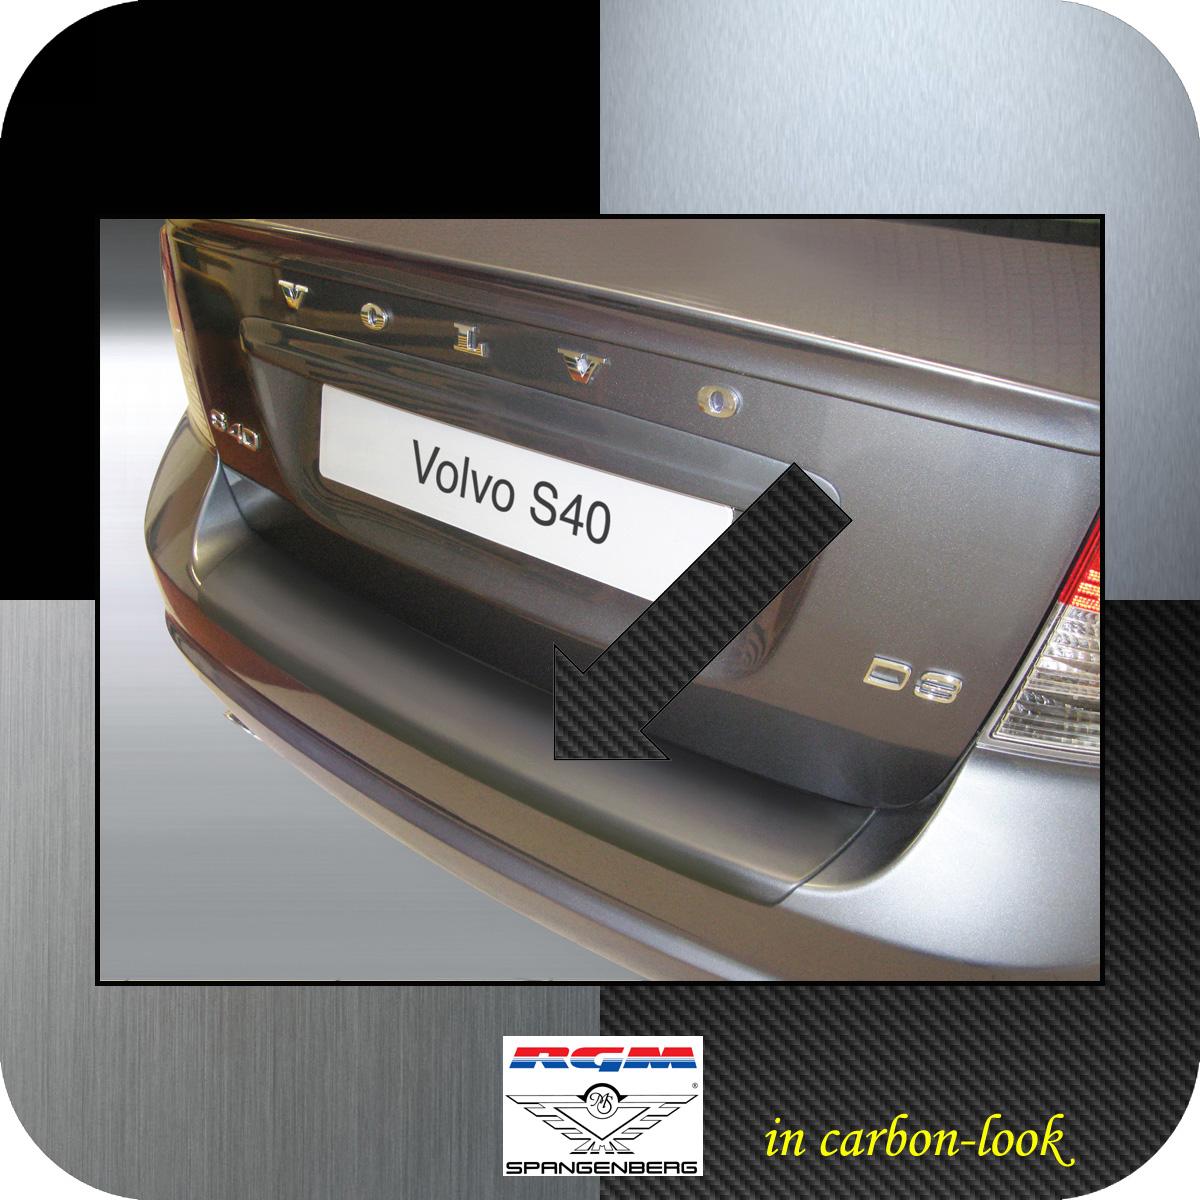 Ladekantenschutz Carbon-Look Volvo S40 II Limousine ab facelift 2007-12 3509549